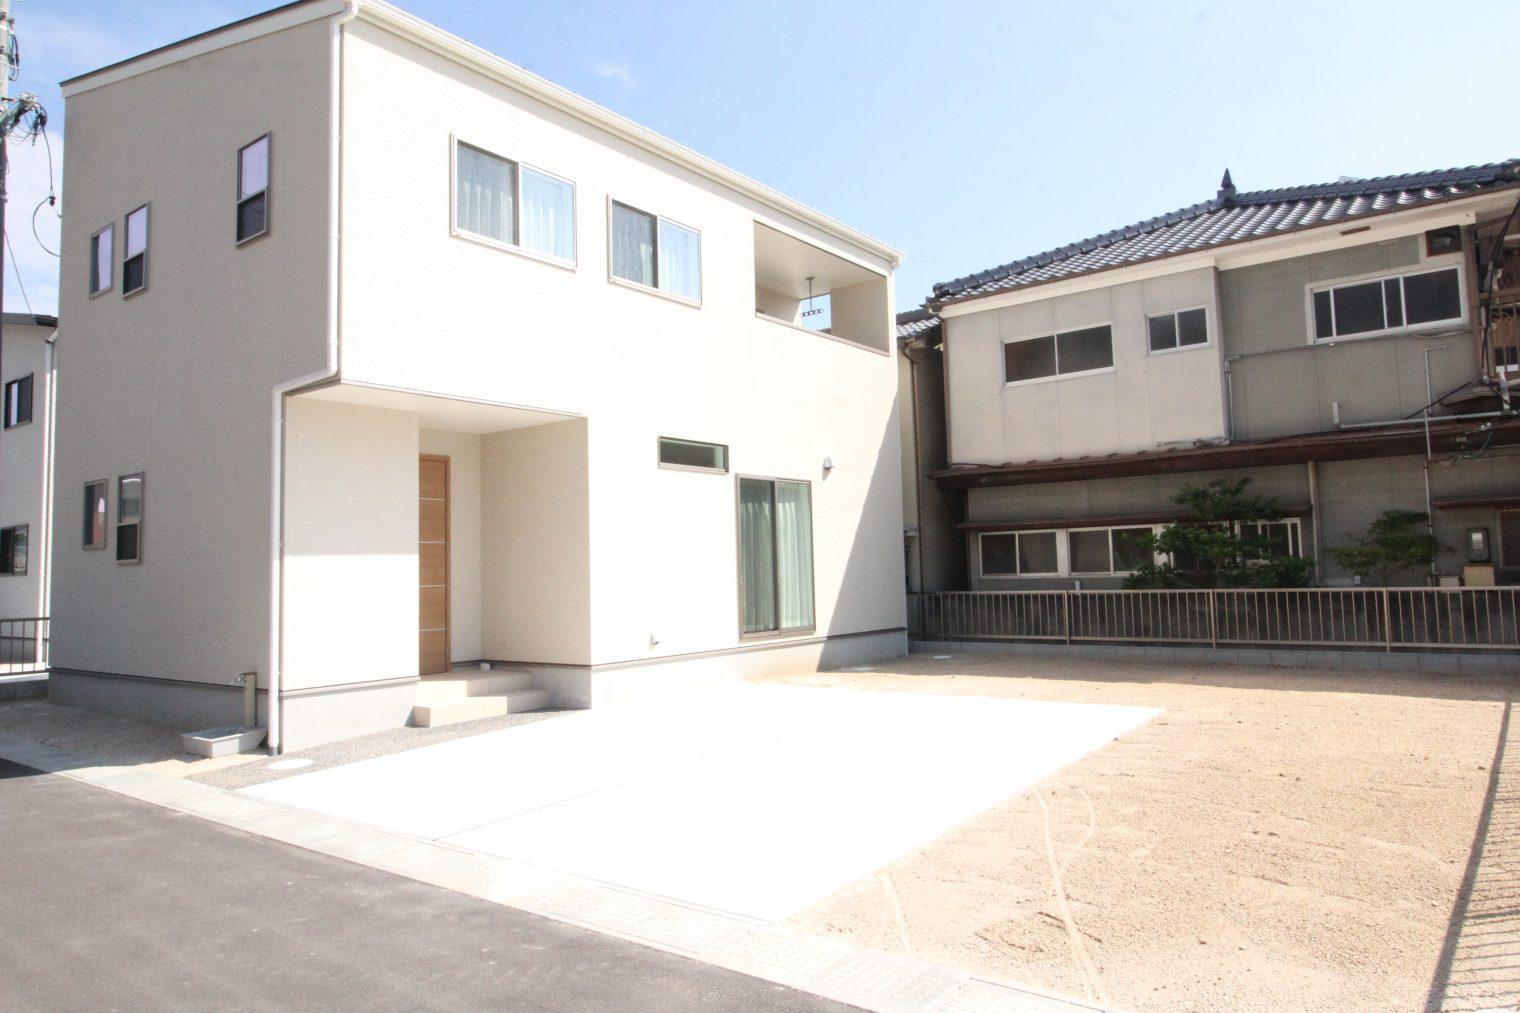 井原市 オープンハウス開催いたします!!